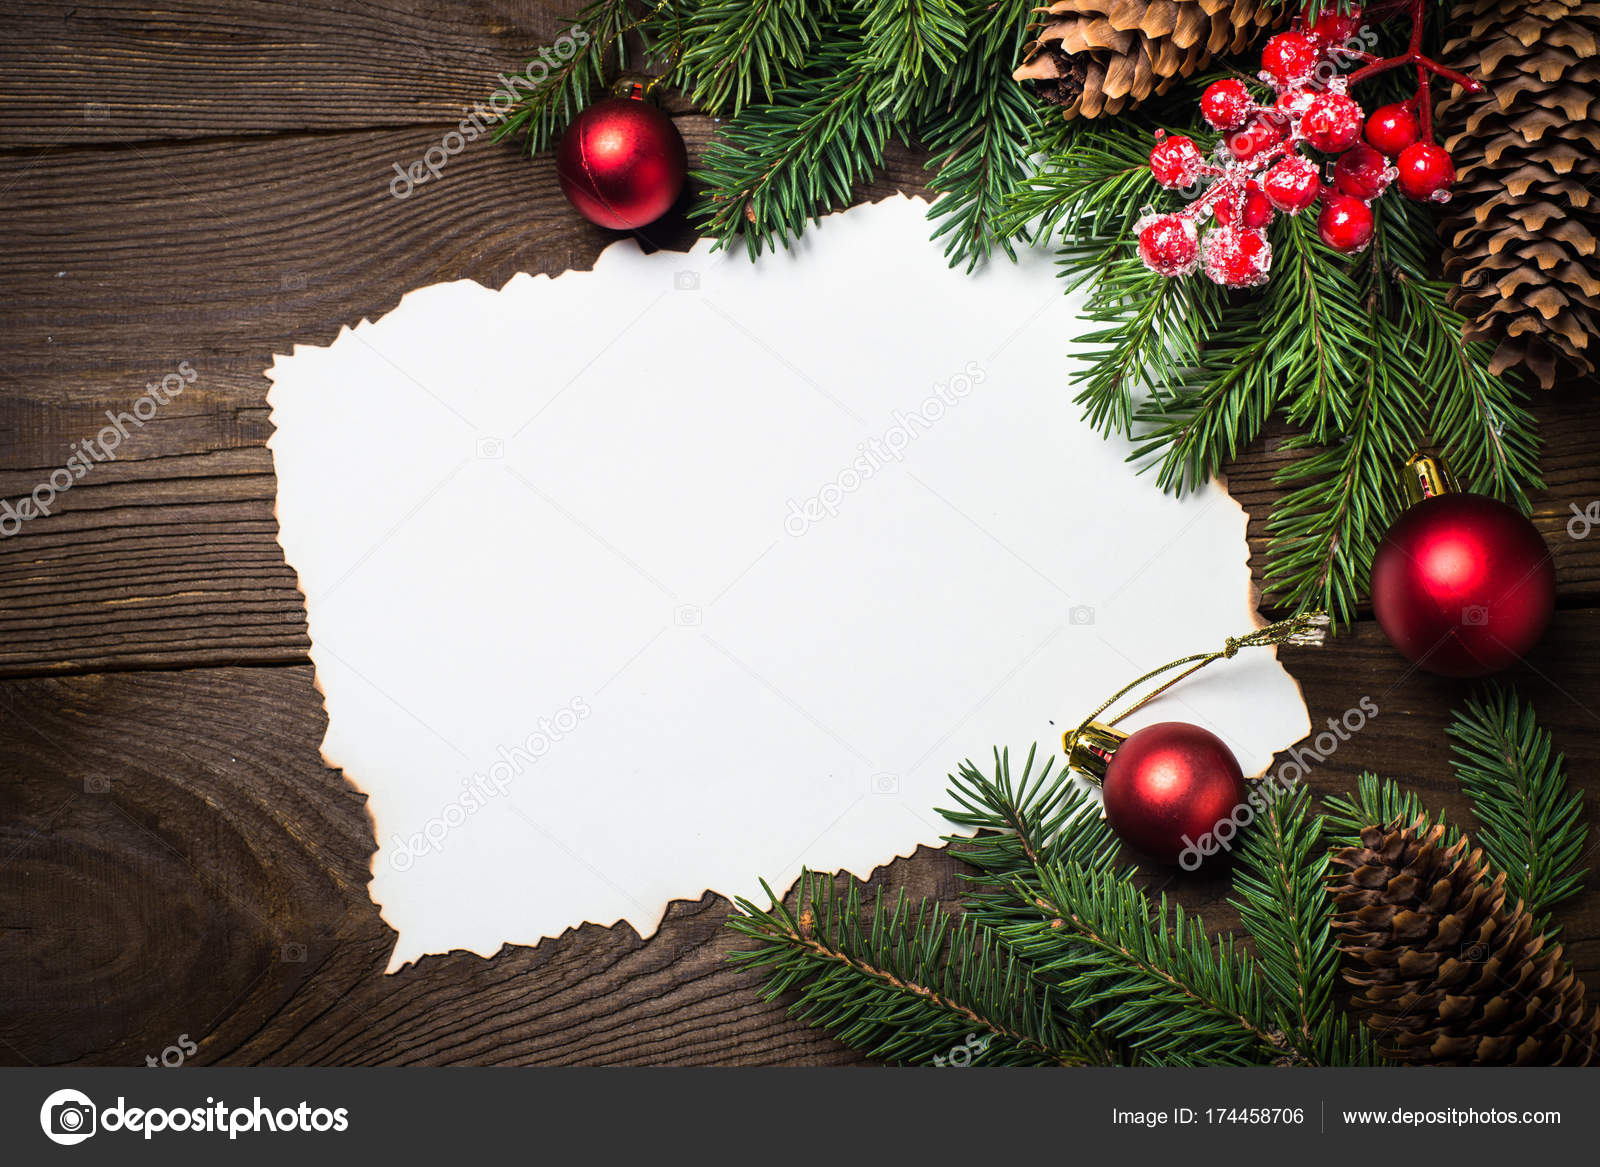 foglio decoro natalizio